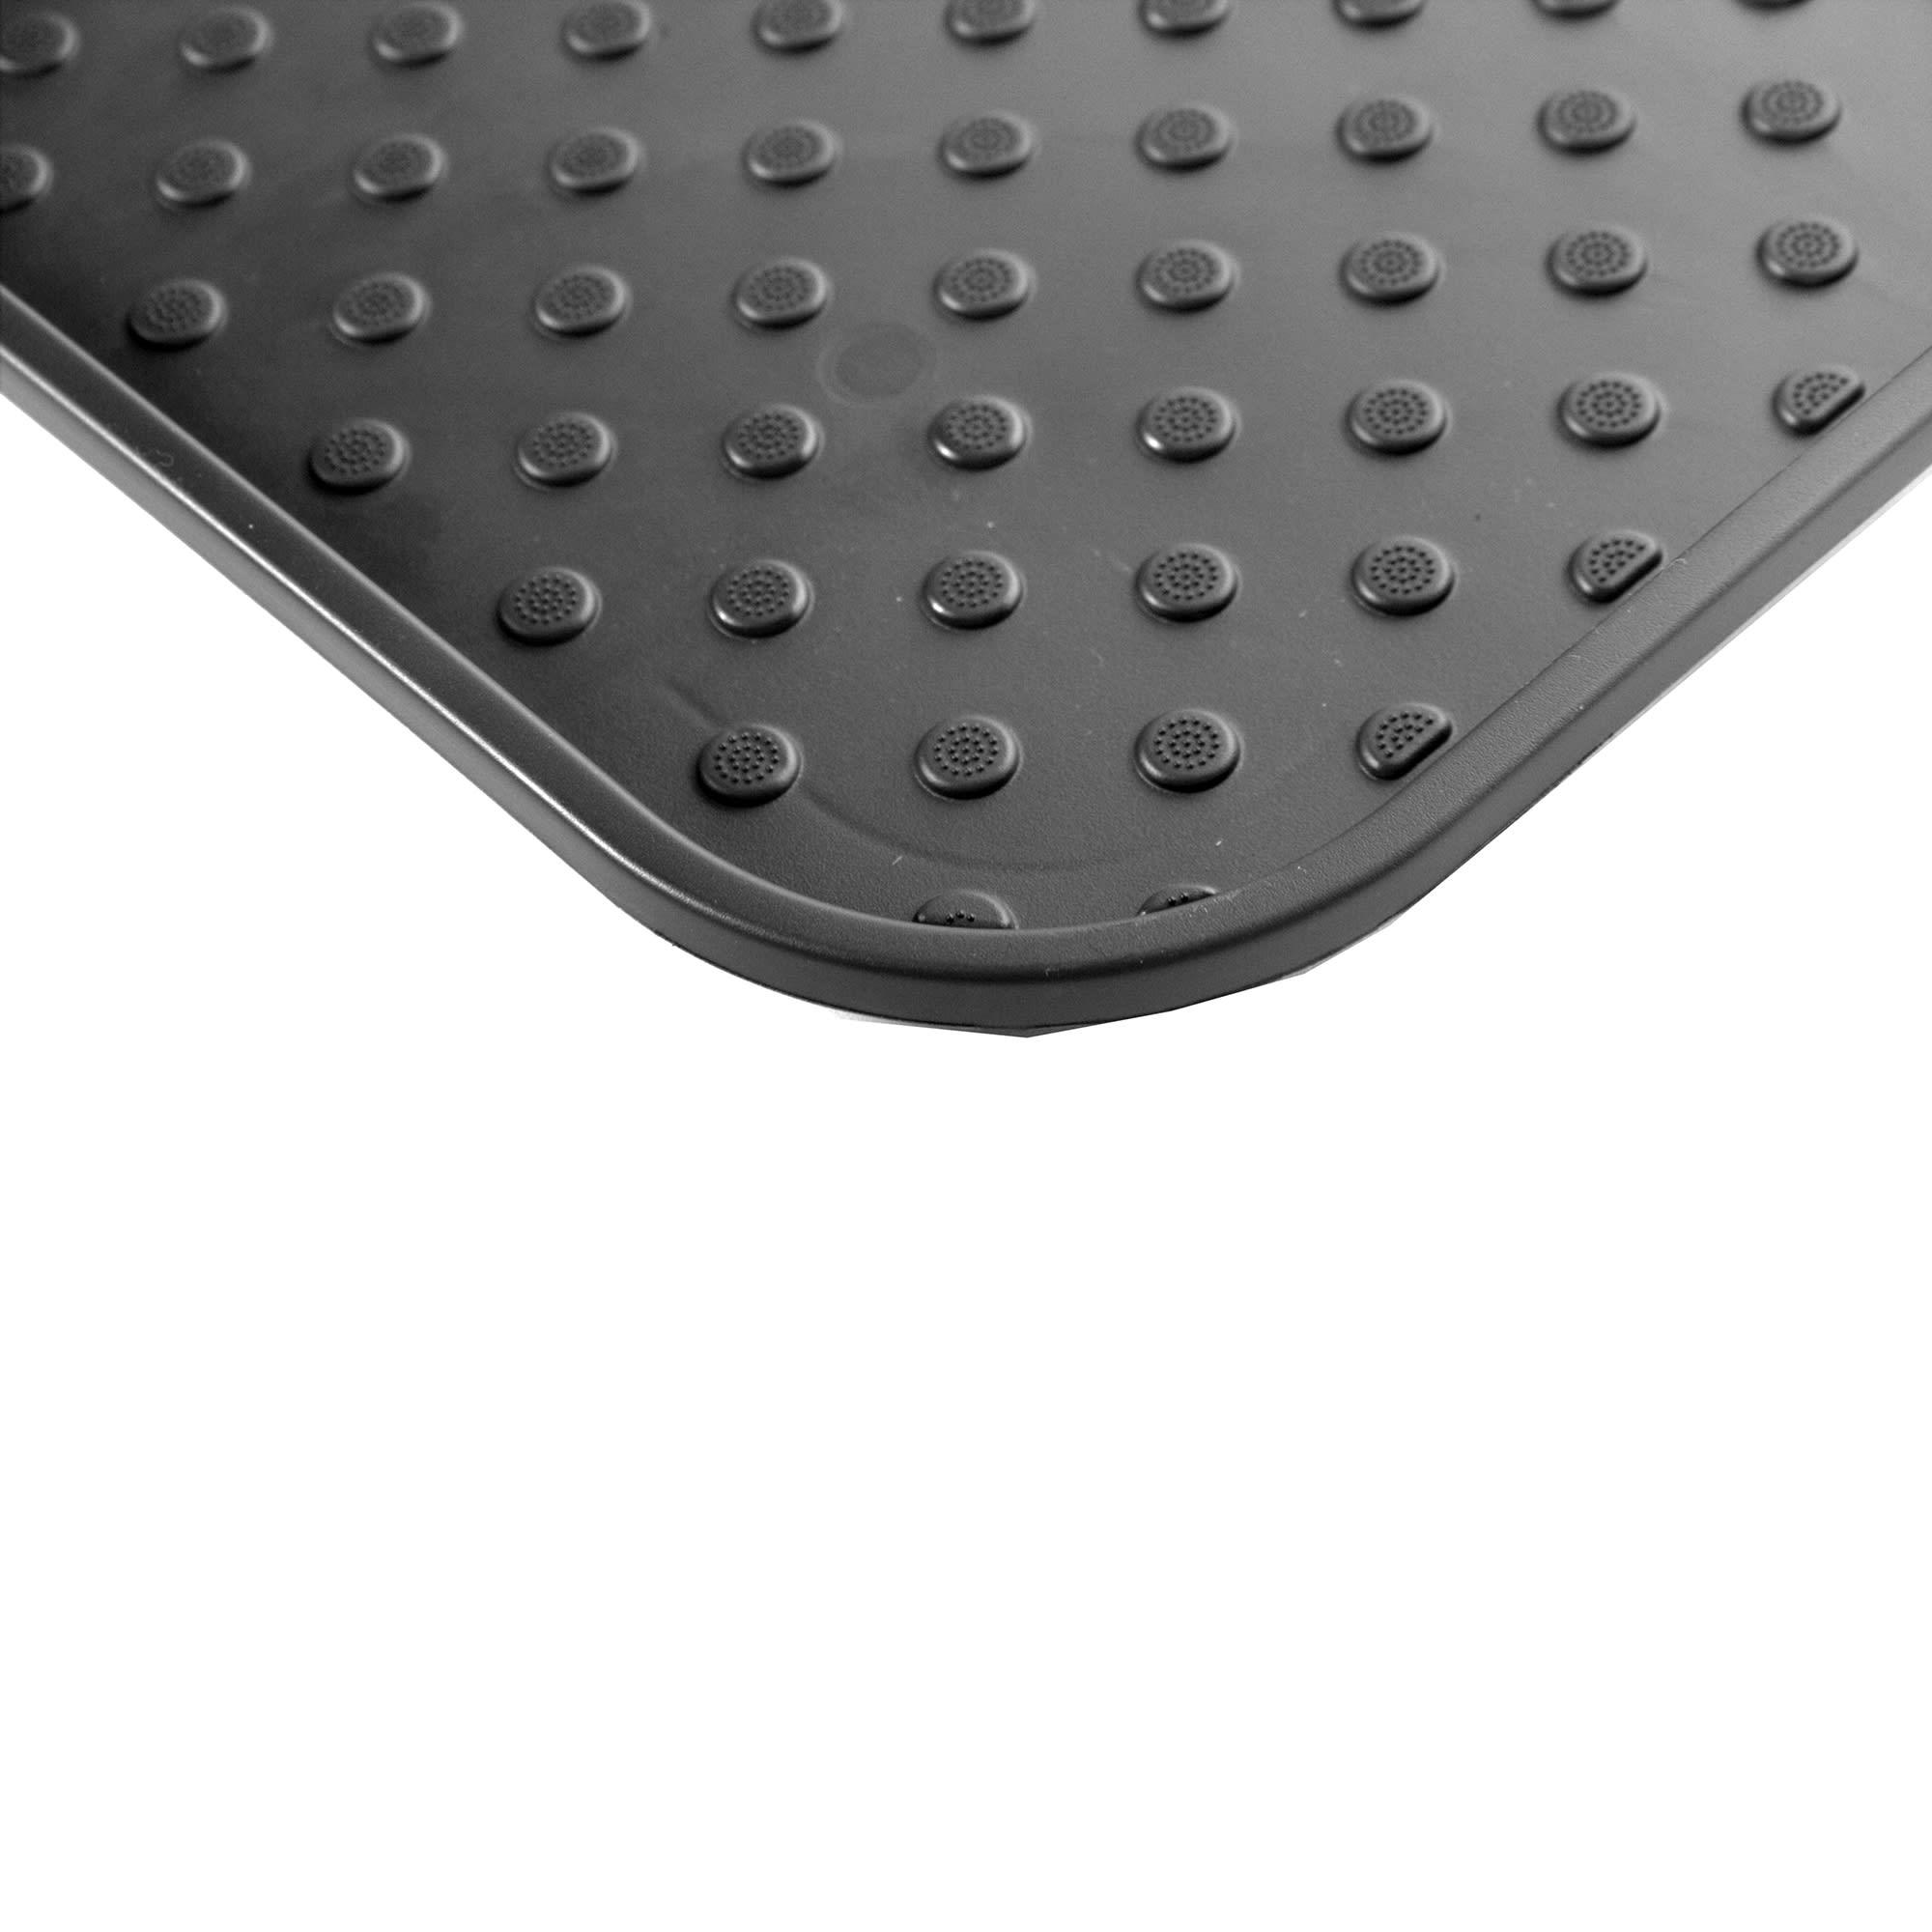 8ea0175a4 Лоток для обуви ПВХ 70x37x3.5 см в Москве – купить по низкой цене в ...